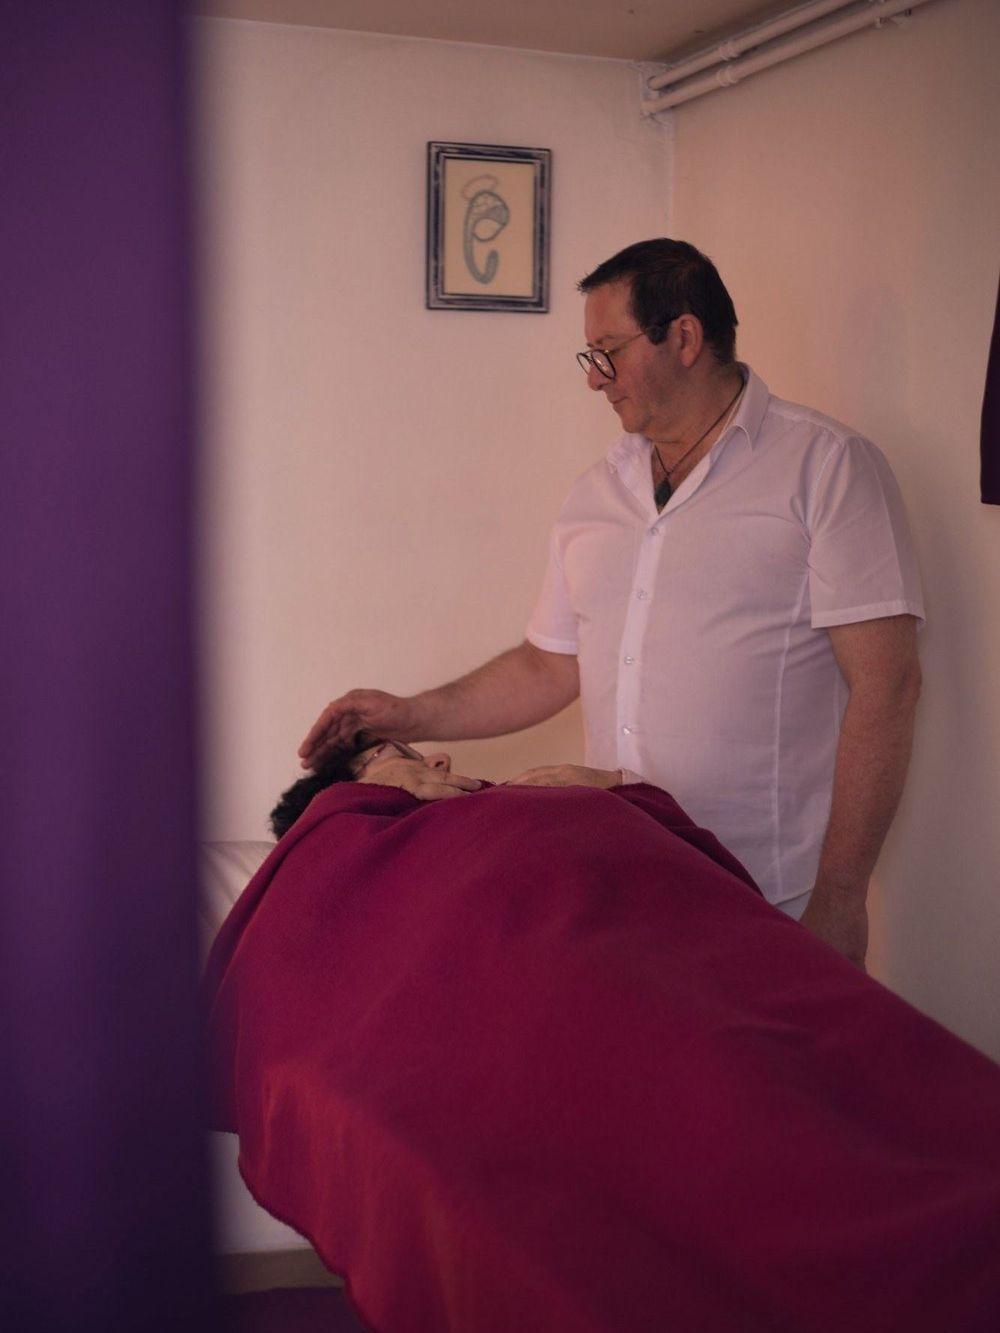 maitre reiki enseignant formation  noel magnetiseur dans l ainlogo propre guérisseur, premier pas appelez moi dans l'ain,aidez vous et je vous aiderai,aide toi et le ciel t'aidera,Très chaleureusement,magnétisme,symptôme,bien être;magnetiseur dans l ain,montagnieu 01470